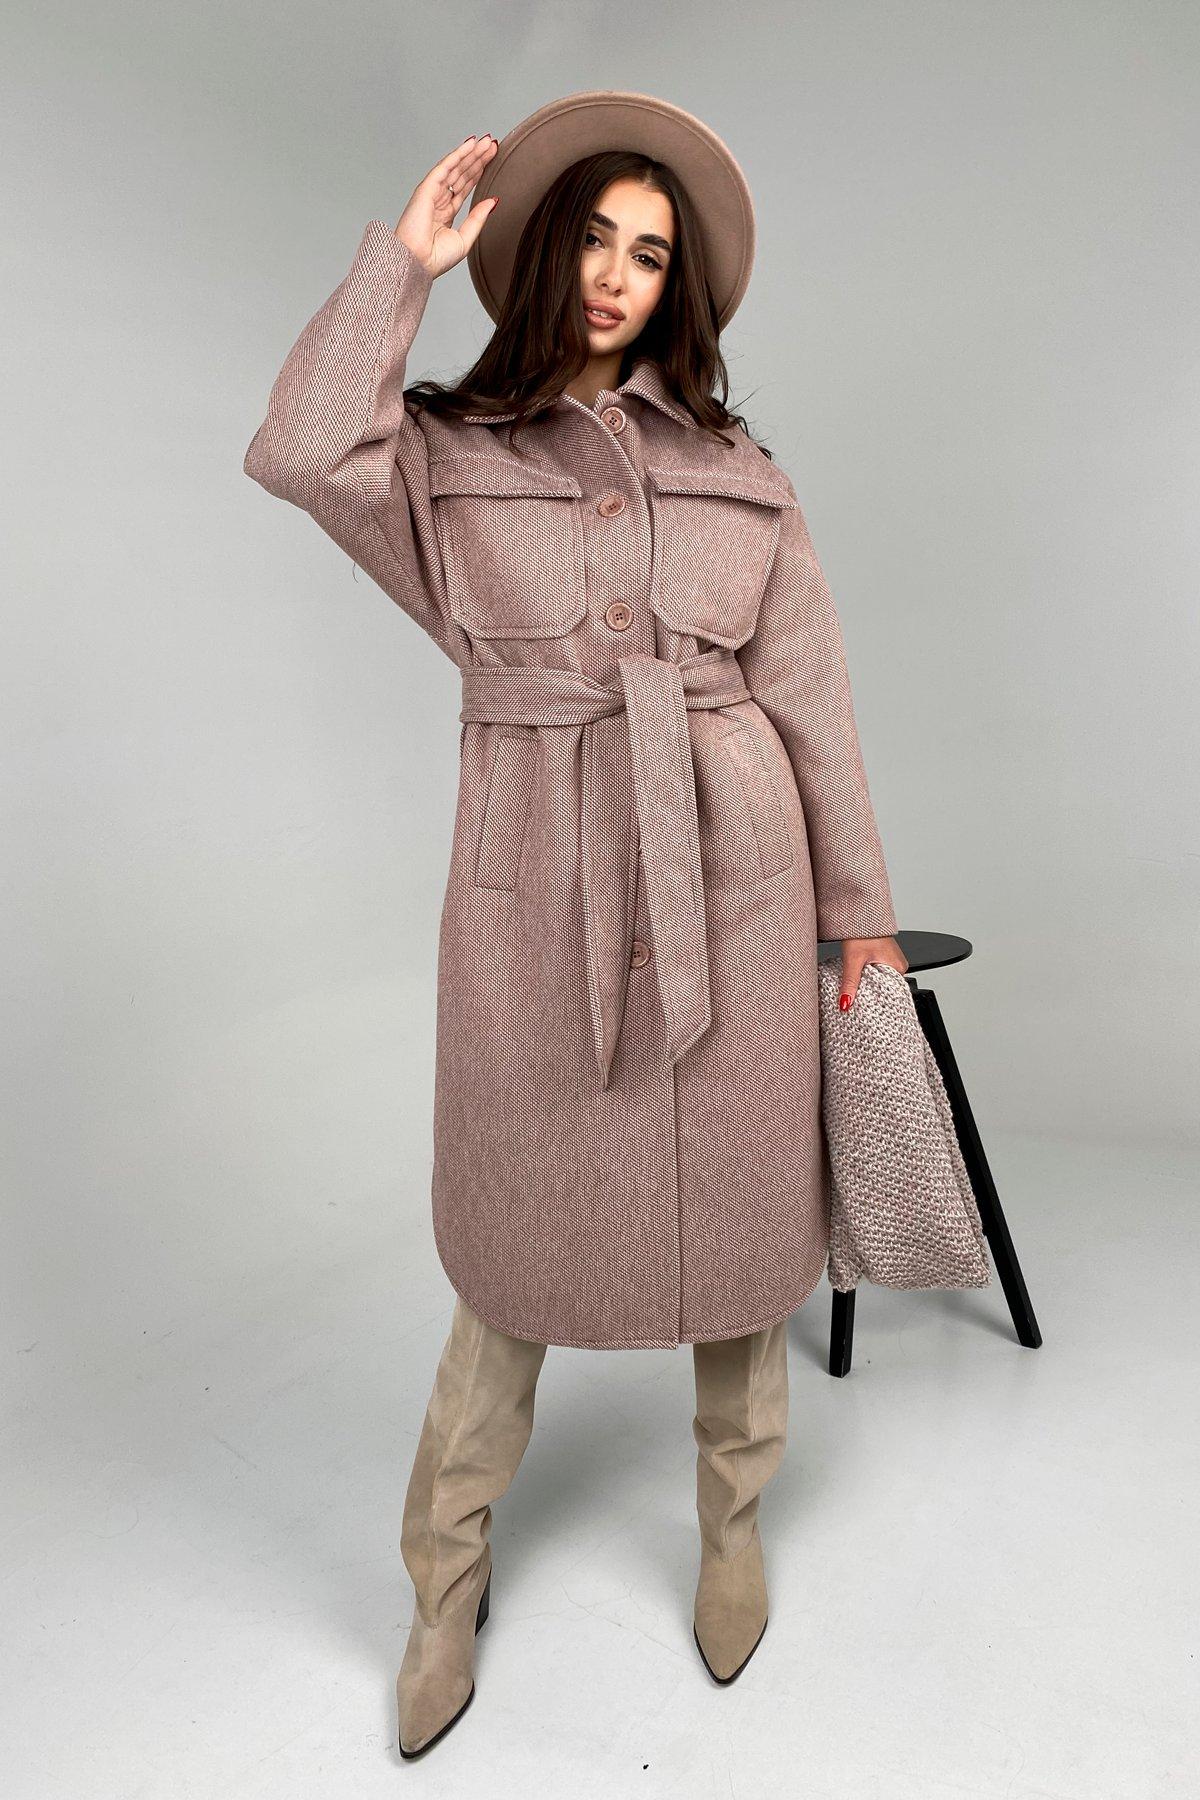 Ола модена пальтовая ткань зима Шарф пальто 10217 АРТ. 46506 Цвет: Светлый шоколад - фото 2, интернет магазин tm-modus.ru